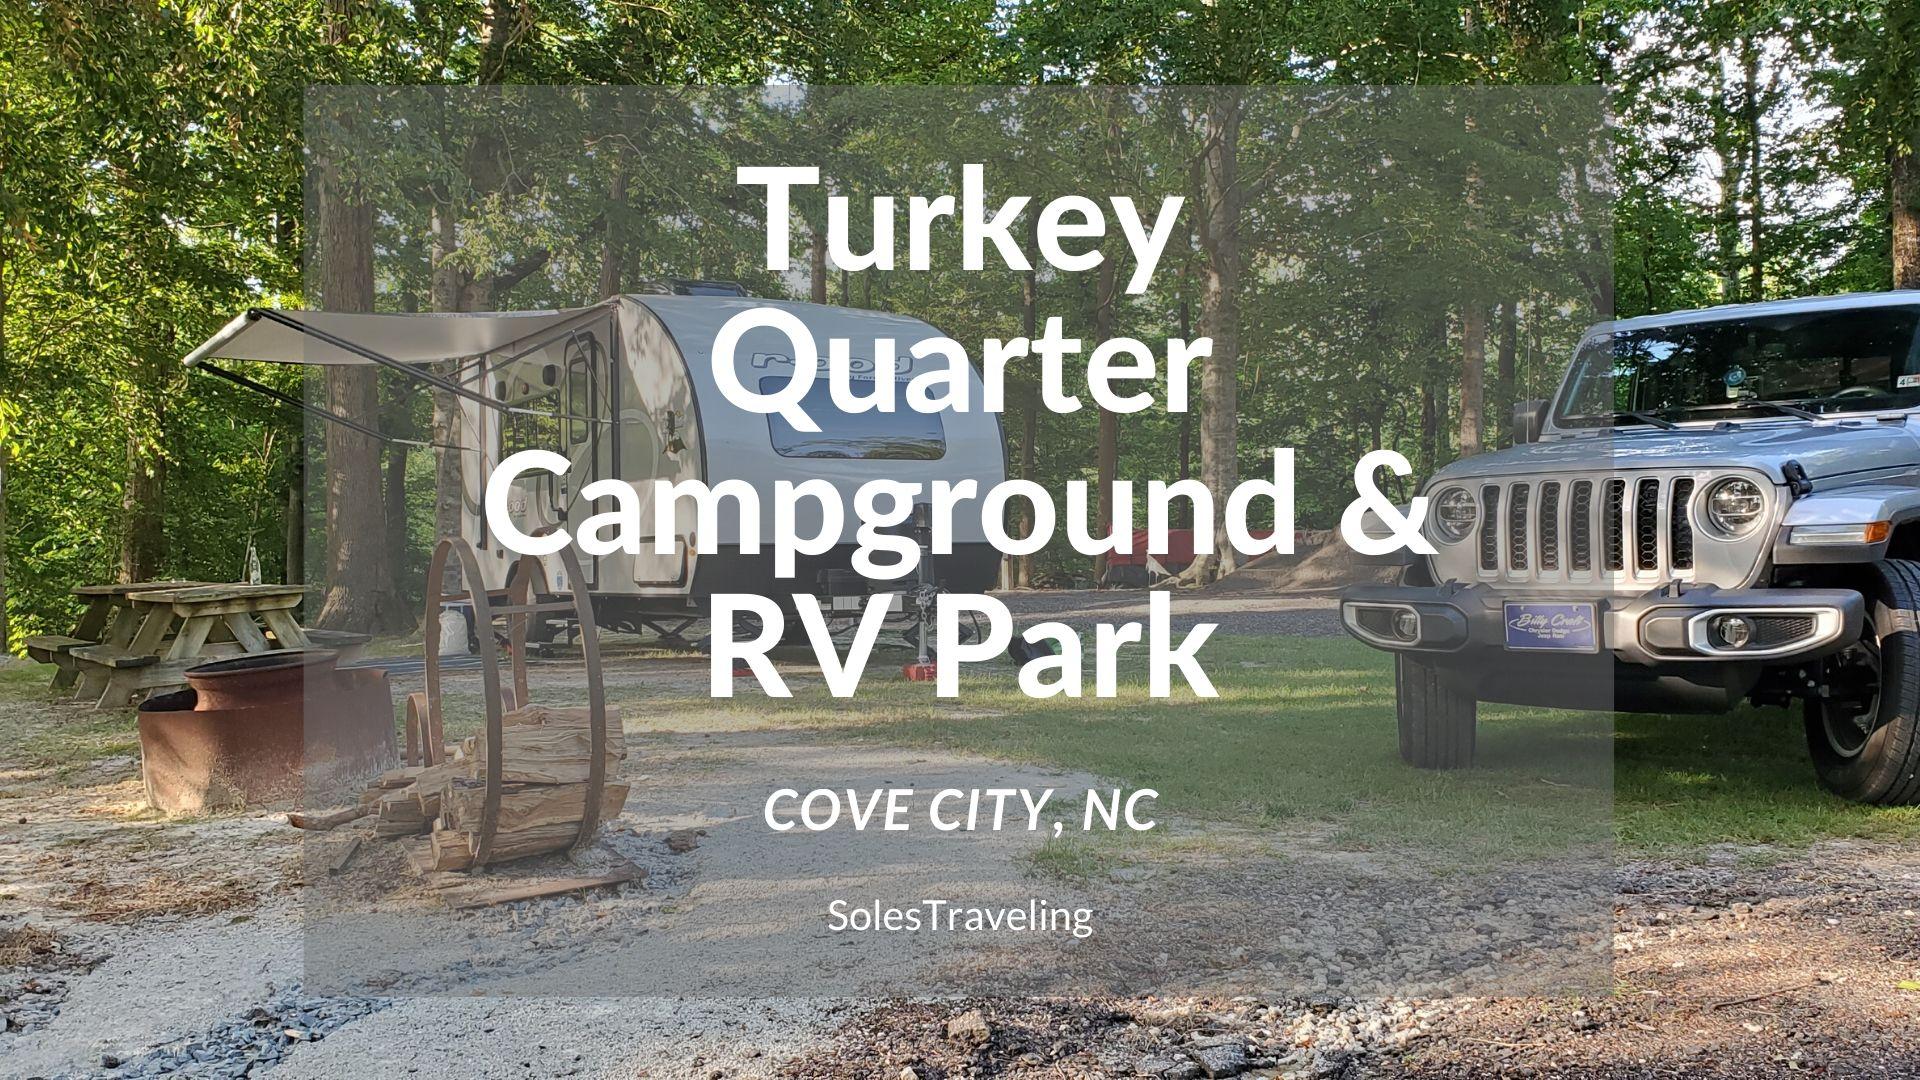 turkey quarter campground